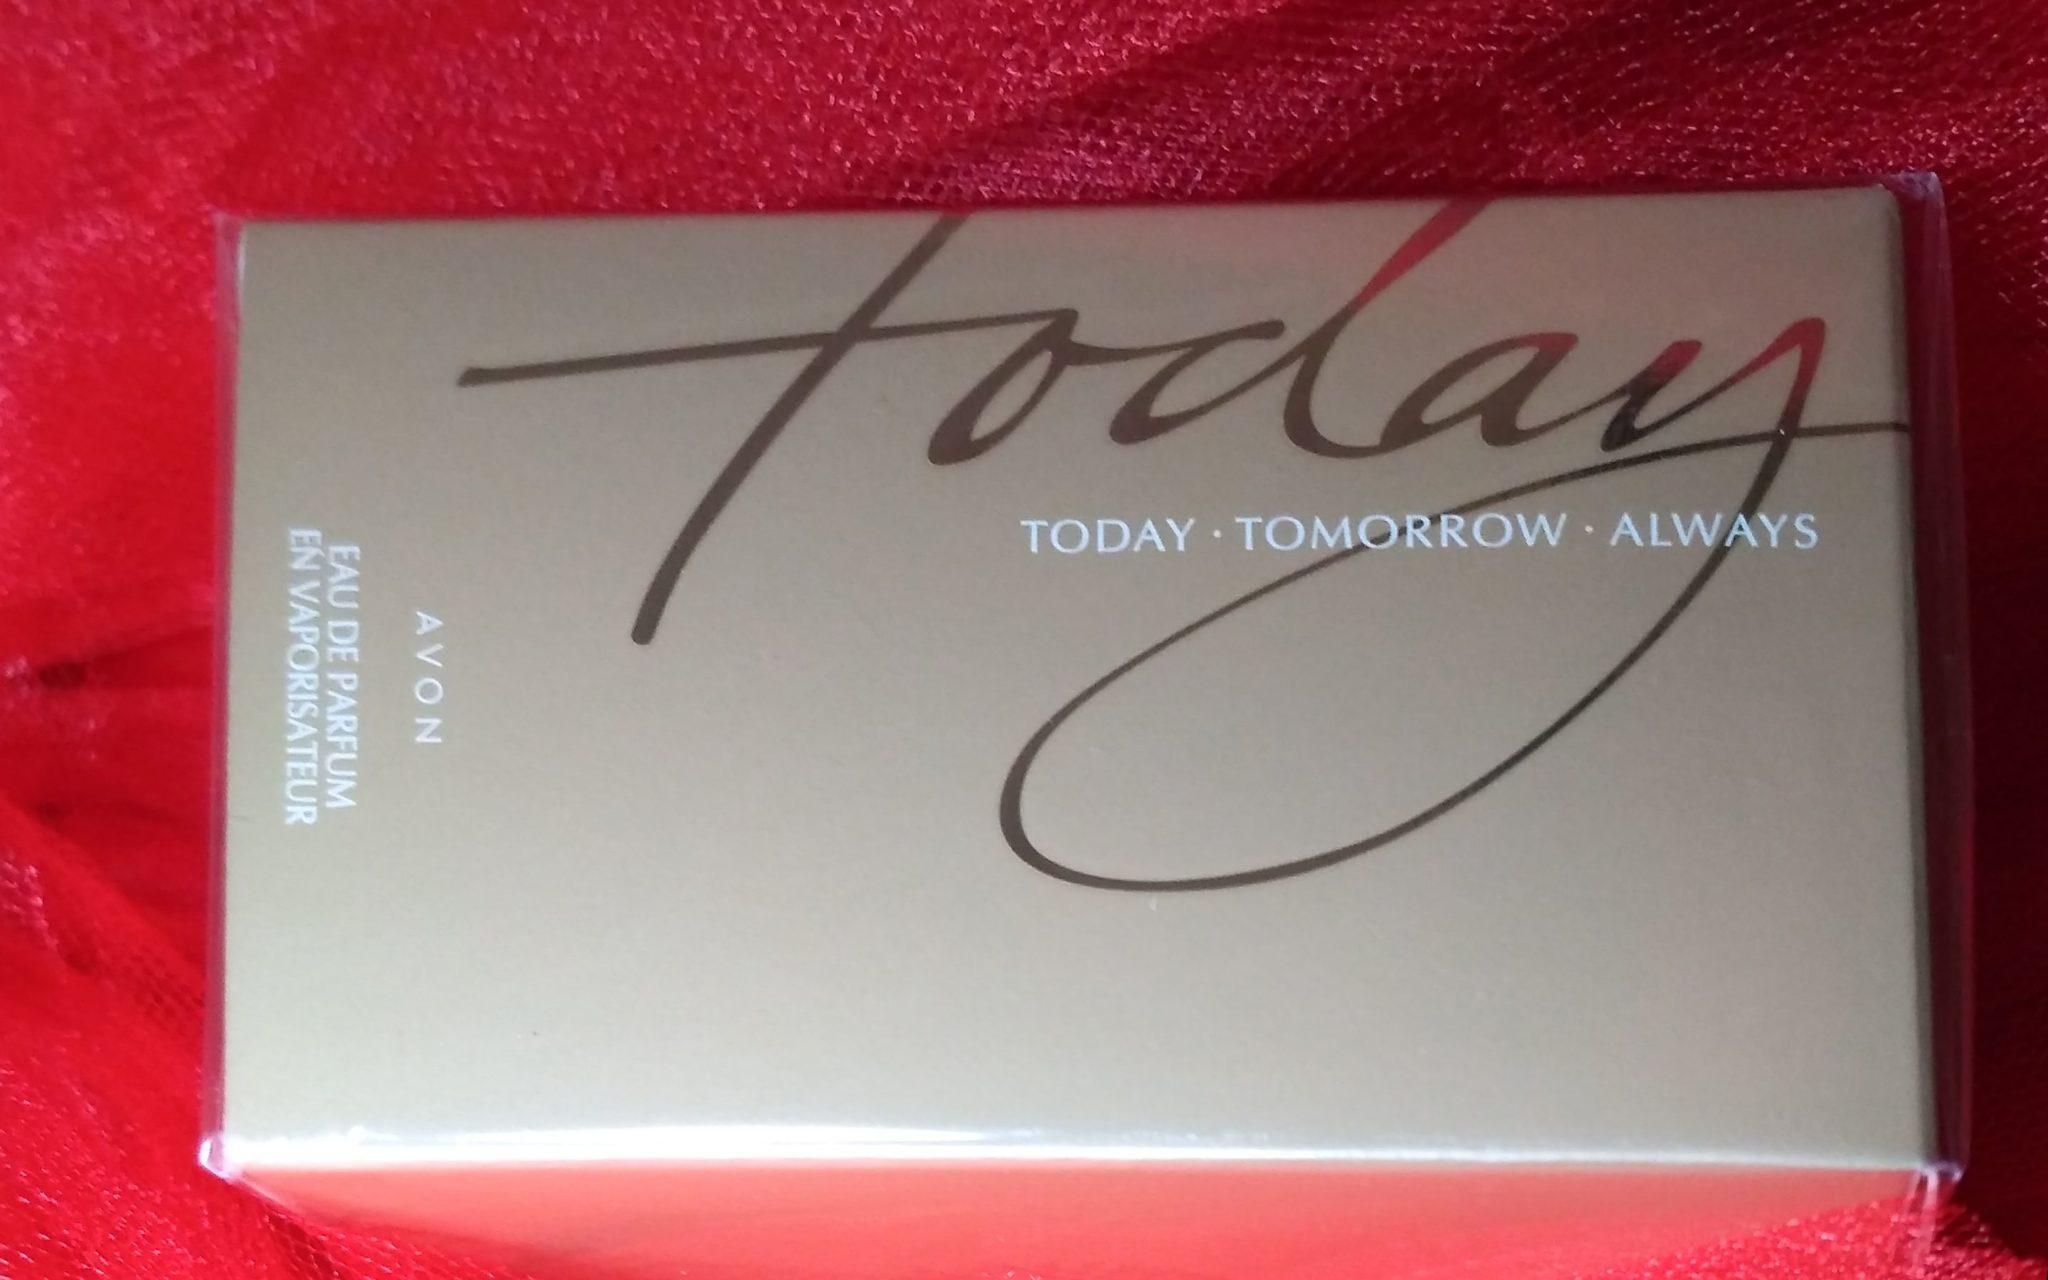 Konkurs Świąteczny – wygraj perfumy Today Tomorrow Always – zakończony